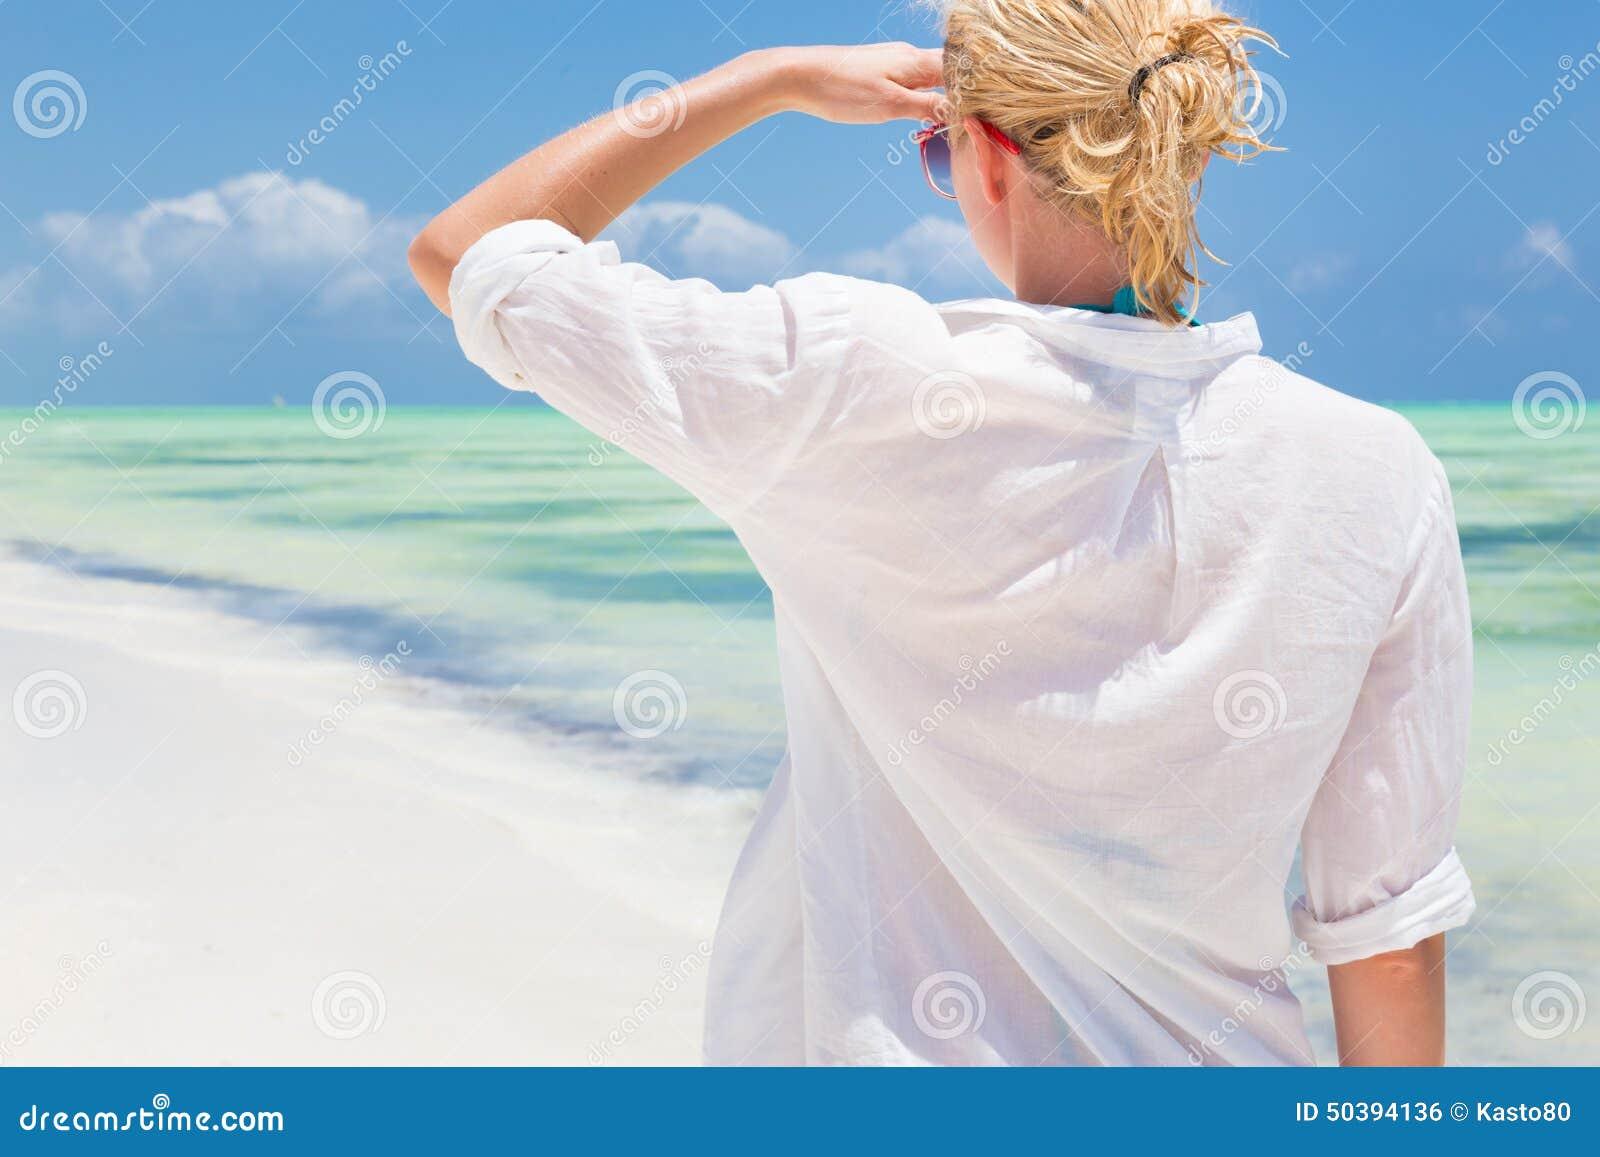 femme courant sur la plage dans la chemise blanche photo stock image 50394136. Black Bedroom Furniture Sets. Home Design Ideas